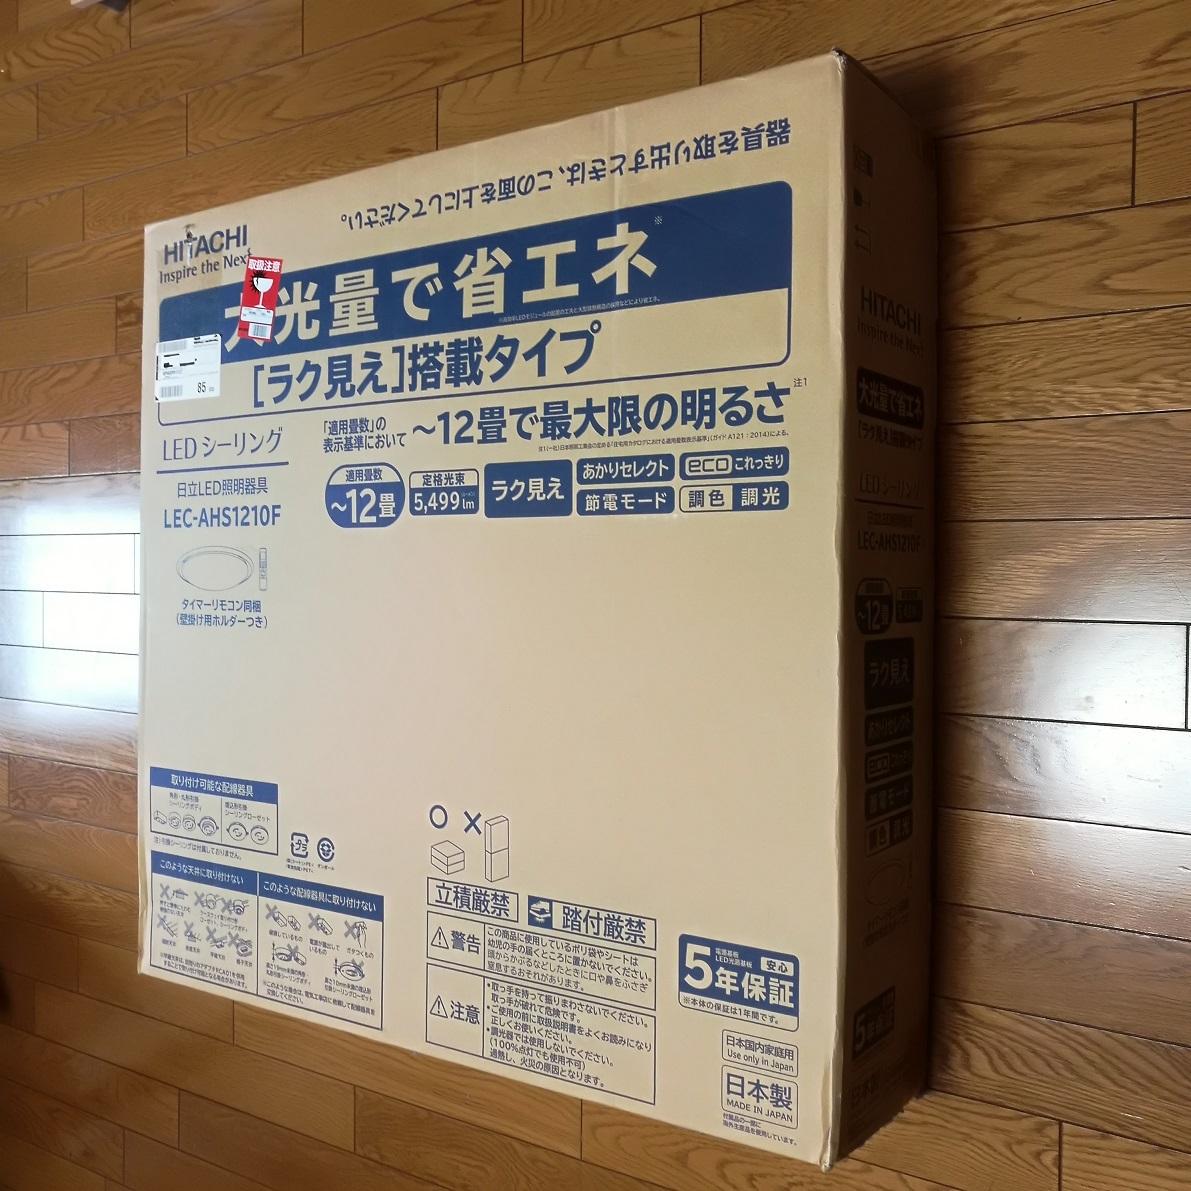 【新品未開封】日立 HITACHI LEC-AHS1210F [LEDシーリングライト 12畳 センサータイプ]_画像5